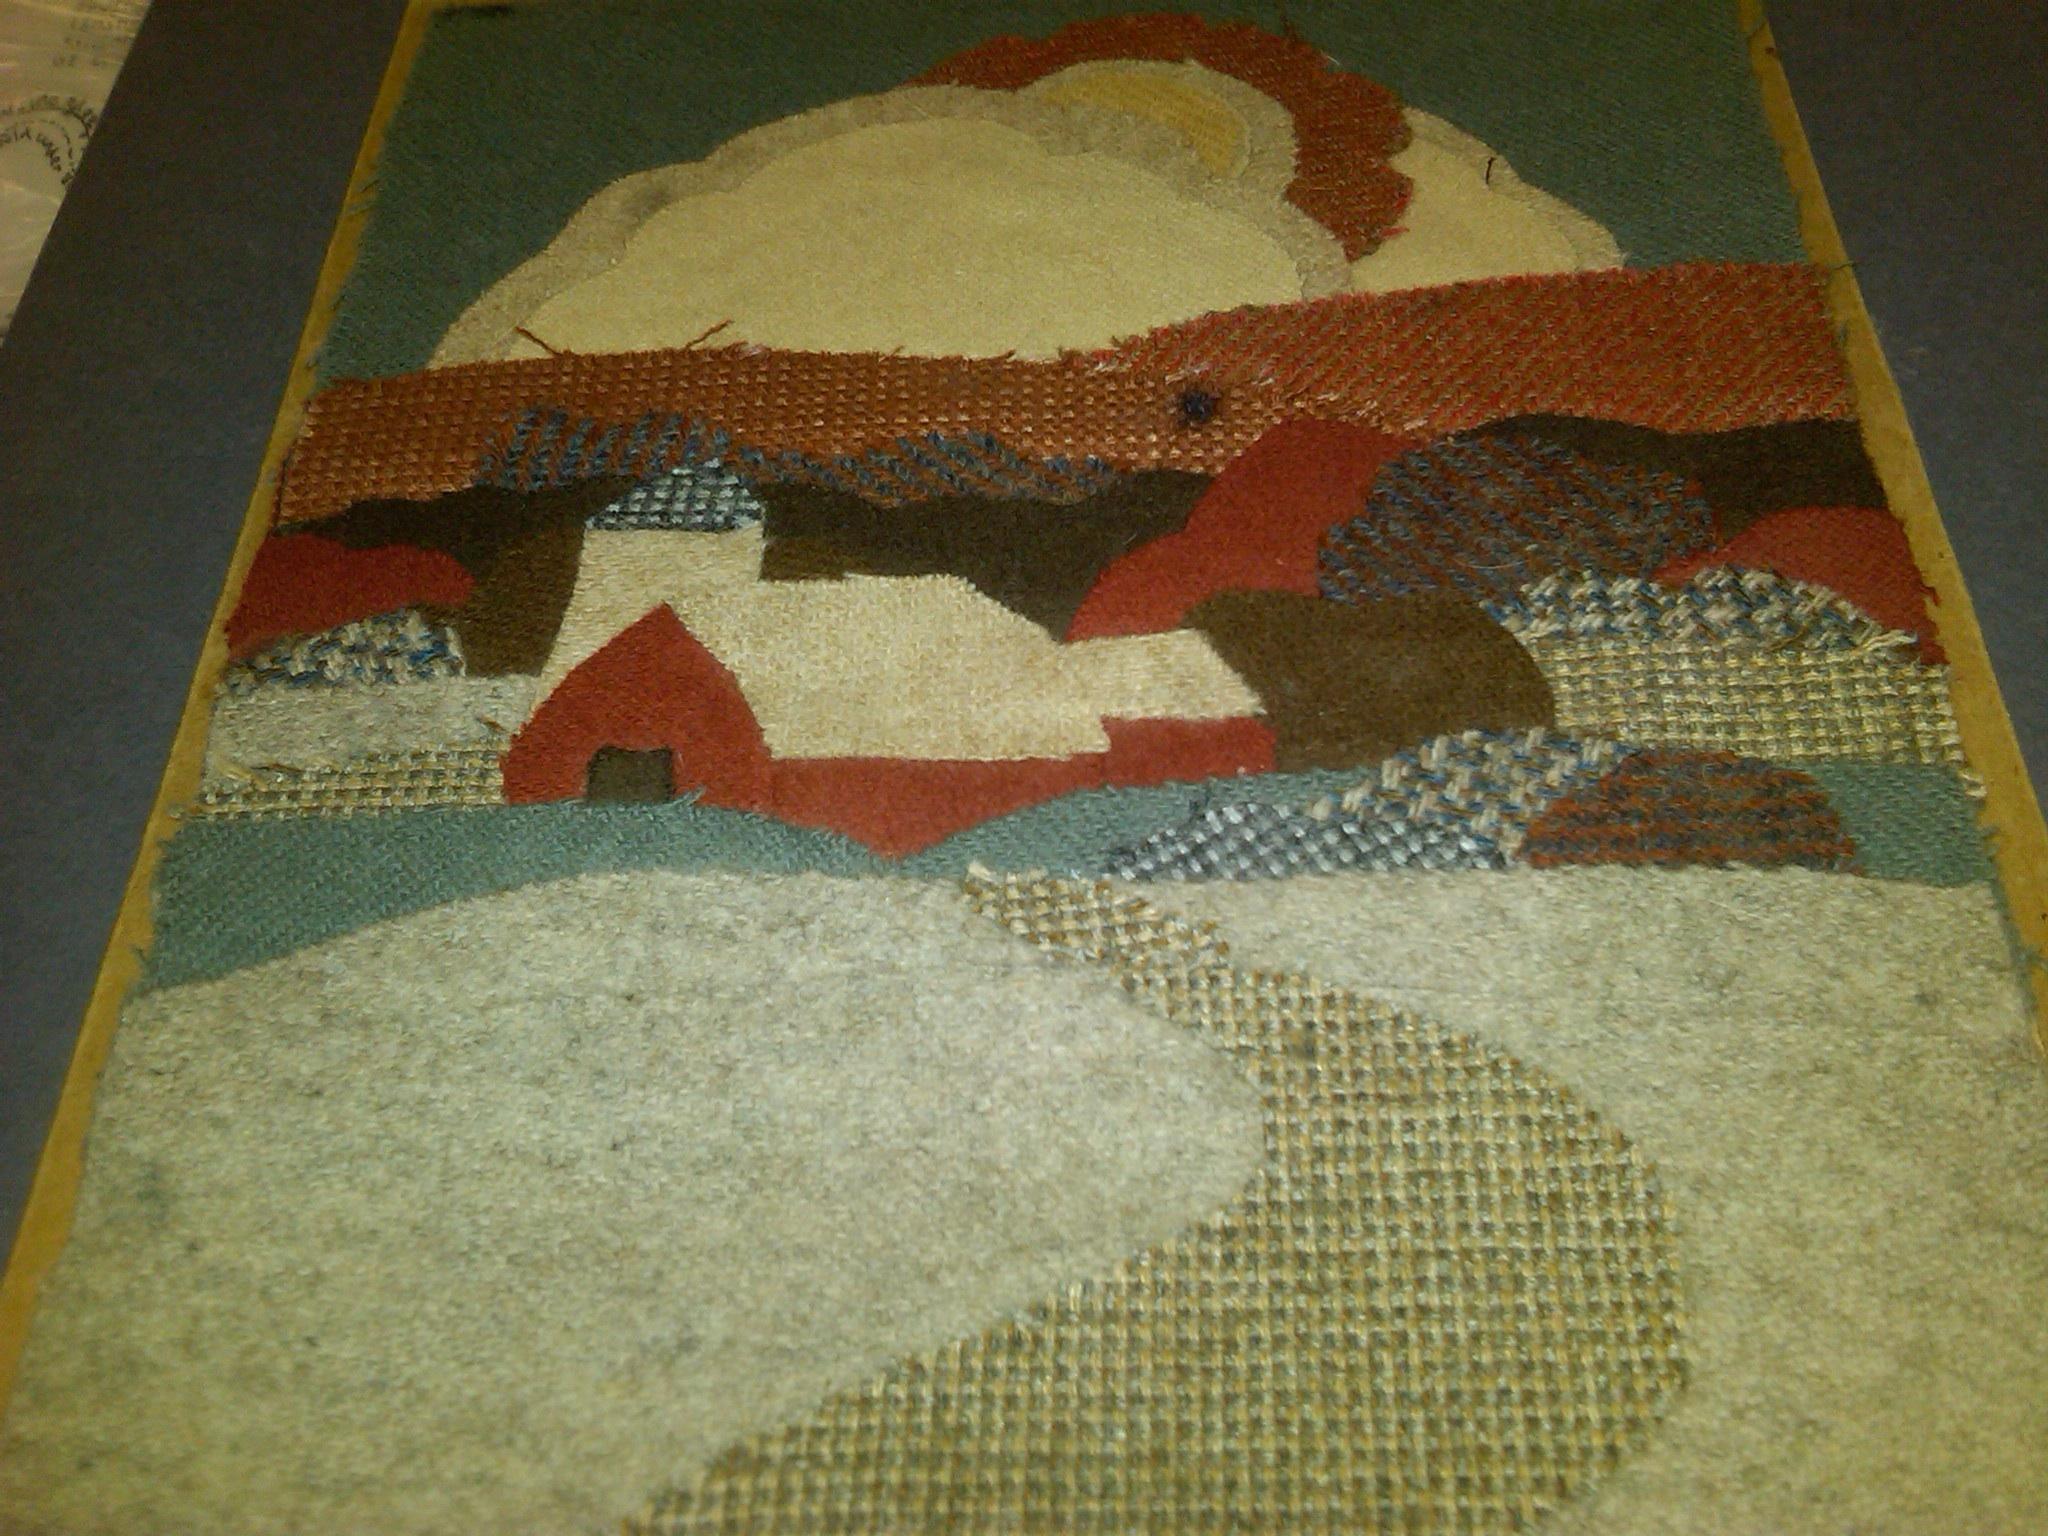 Applique Landscape Workshop at Lowell Quilt Museum